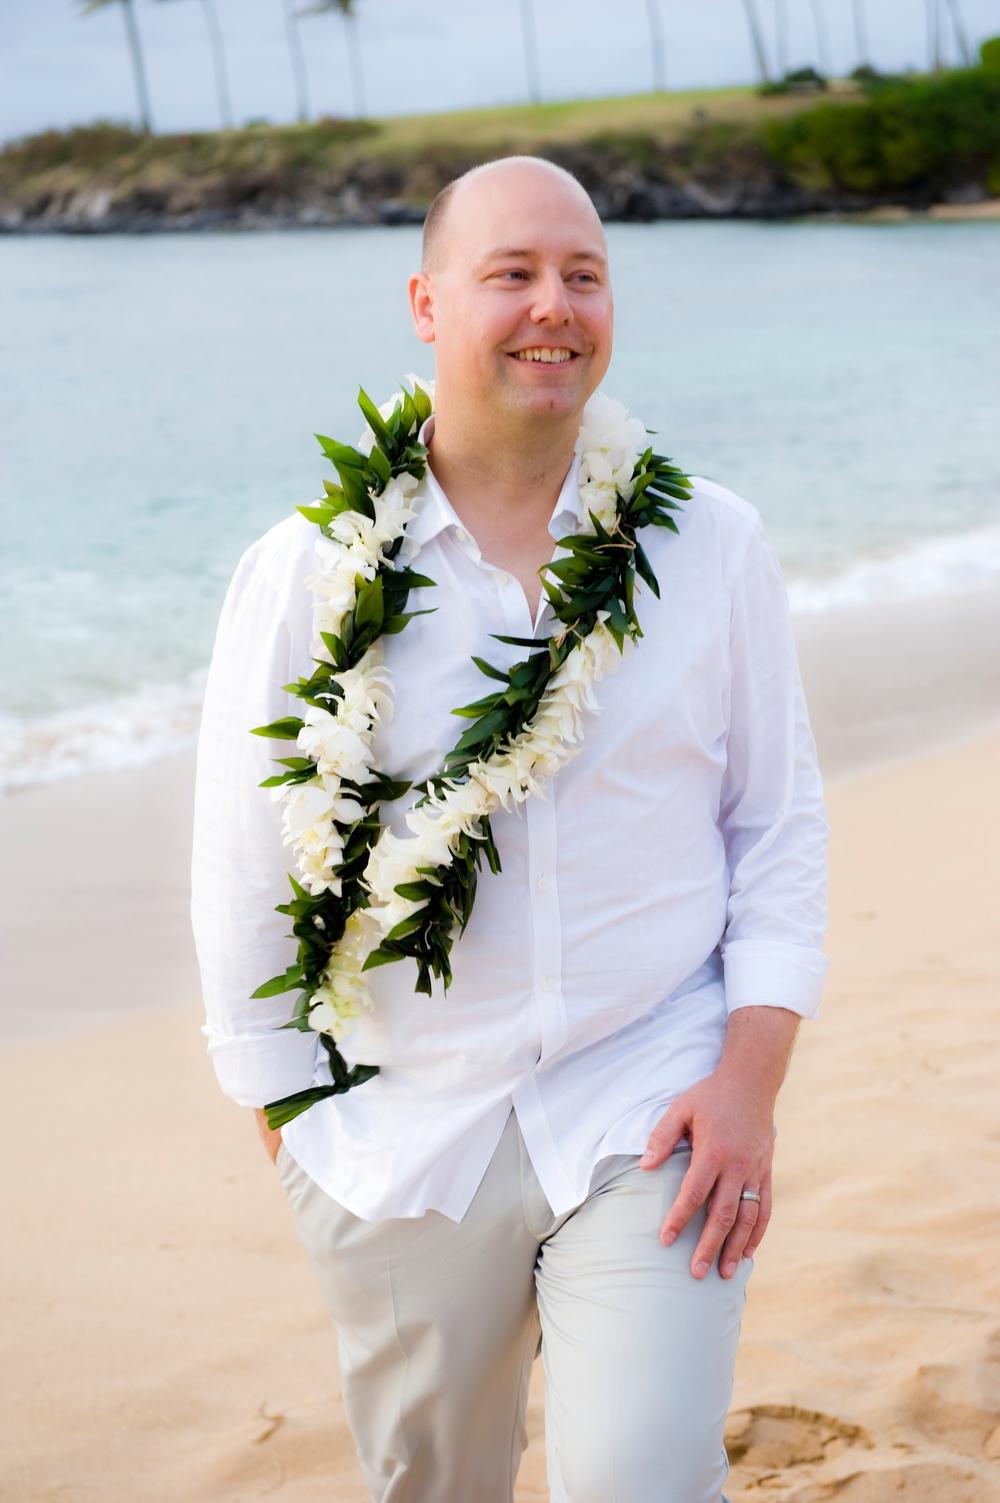 Wedding++31729-1852464710-O.jpg